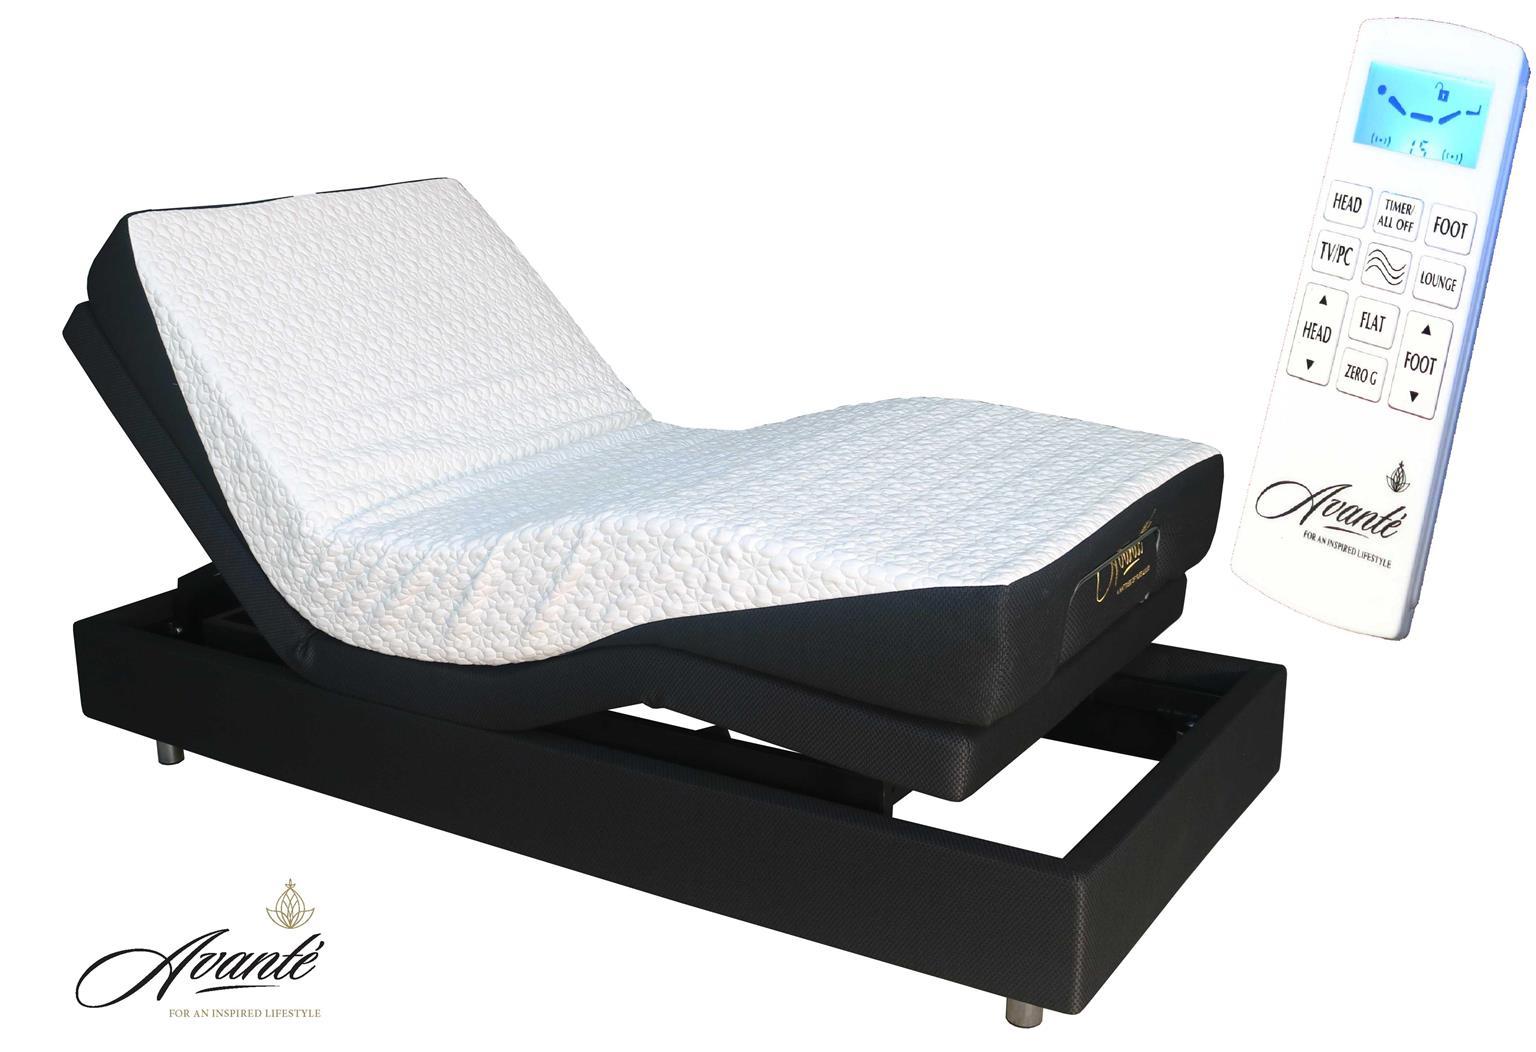 Electric Adjule Bed Smartflex V2